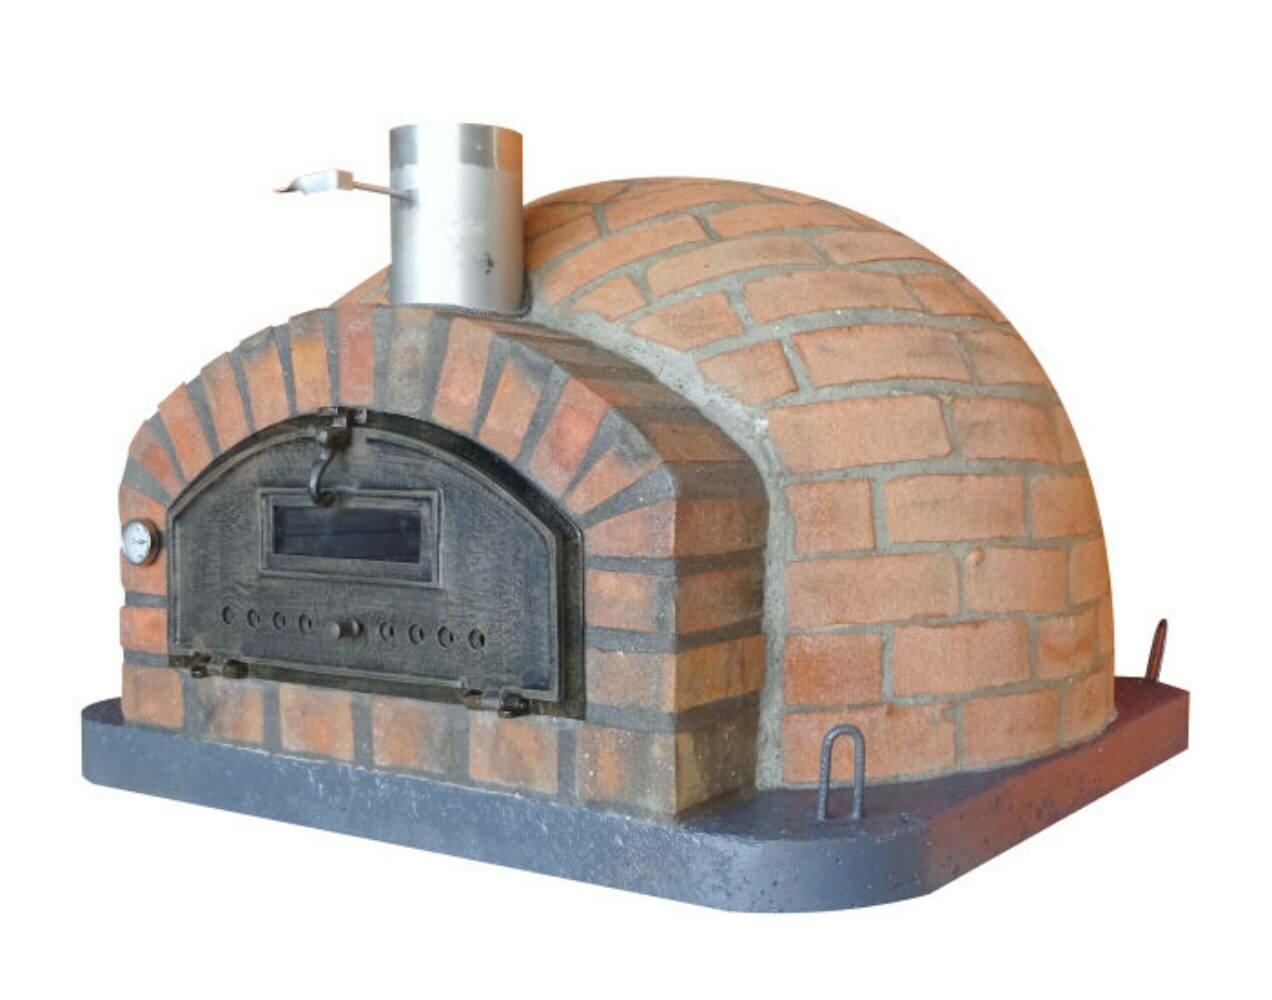 Authentic Pizza Ovens Pizzaioli Rustic